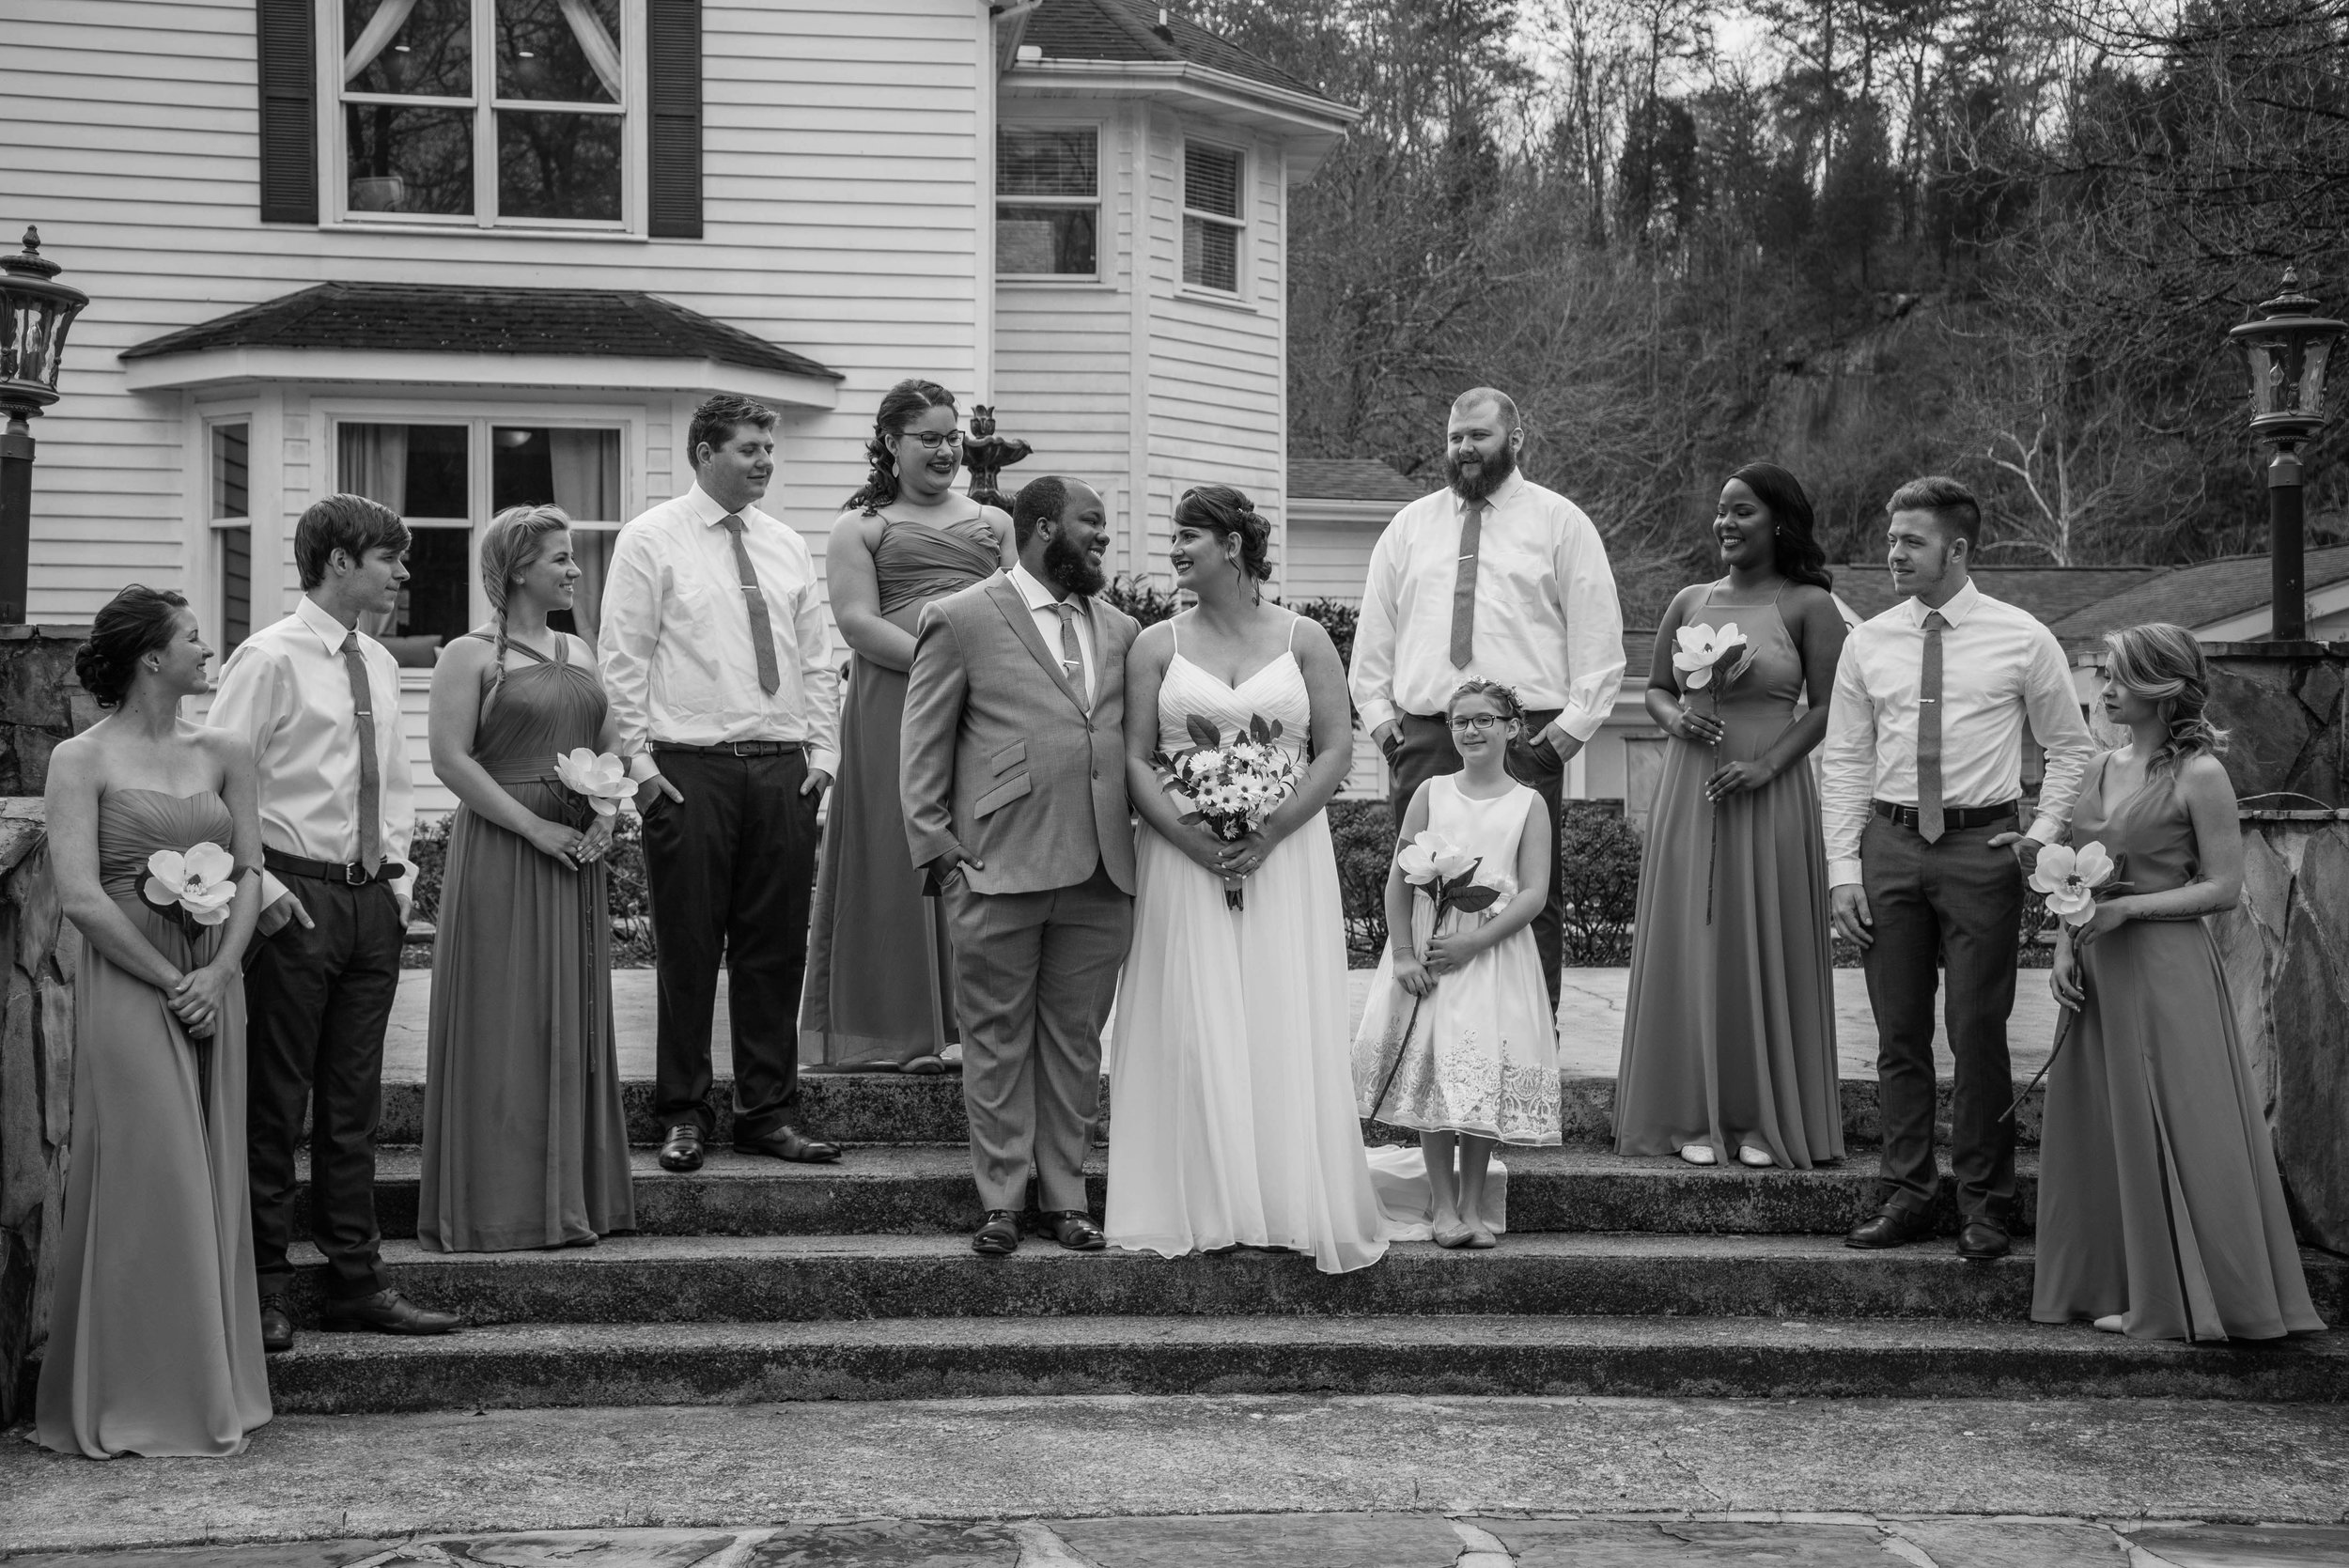 weddingpartyb&w-023.jpg